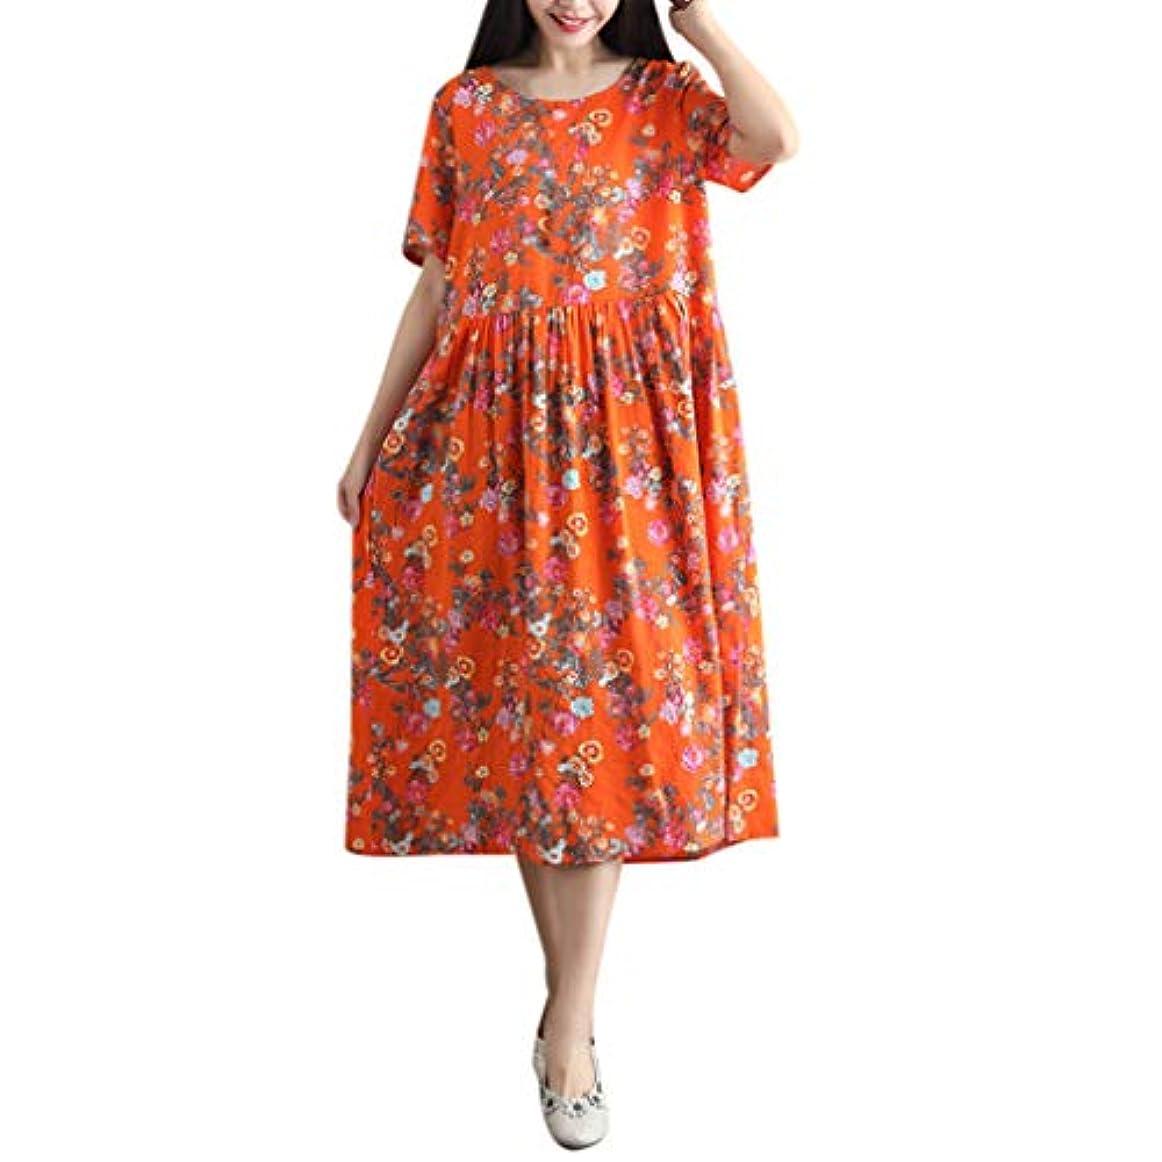 パーティー超えてレタスワンピース レディース Rexzo 花柄 可愛い 綿麻ワンピース 柔らかい ゆったり リネンワンピ 大きいサイズ 体型カバー ワンピース カジュアル おしゃれ スカート 人気 癒され系 ドレス 日常 お出かけ デート